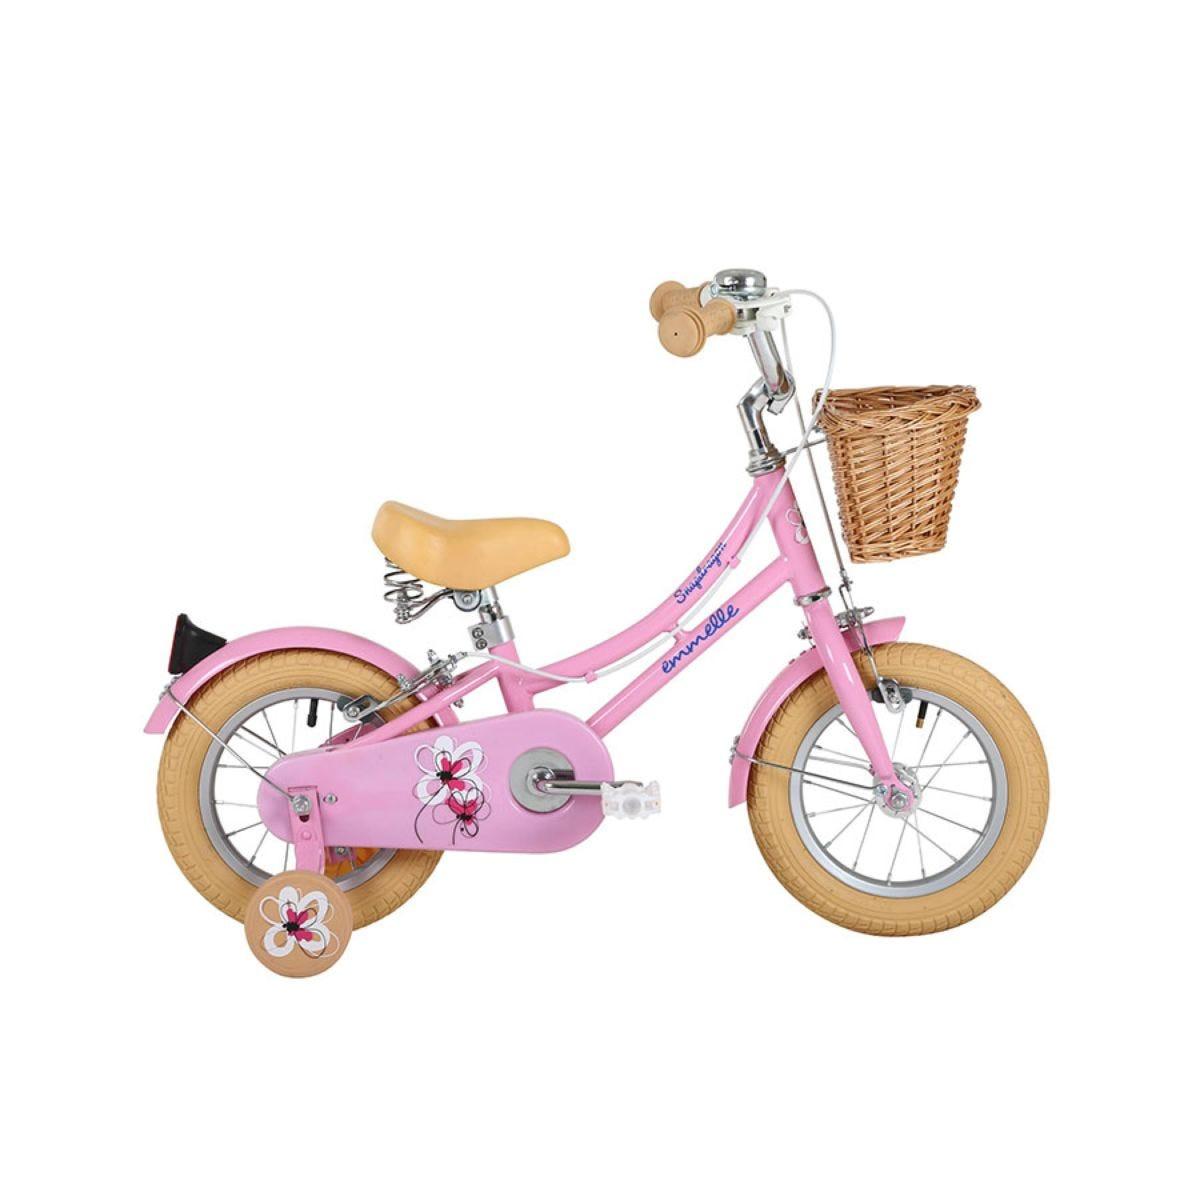 Sonic Emmelle Girls Heritage Snapdragon Bike - Pink/Biscuit